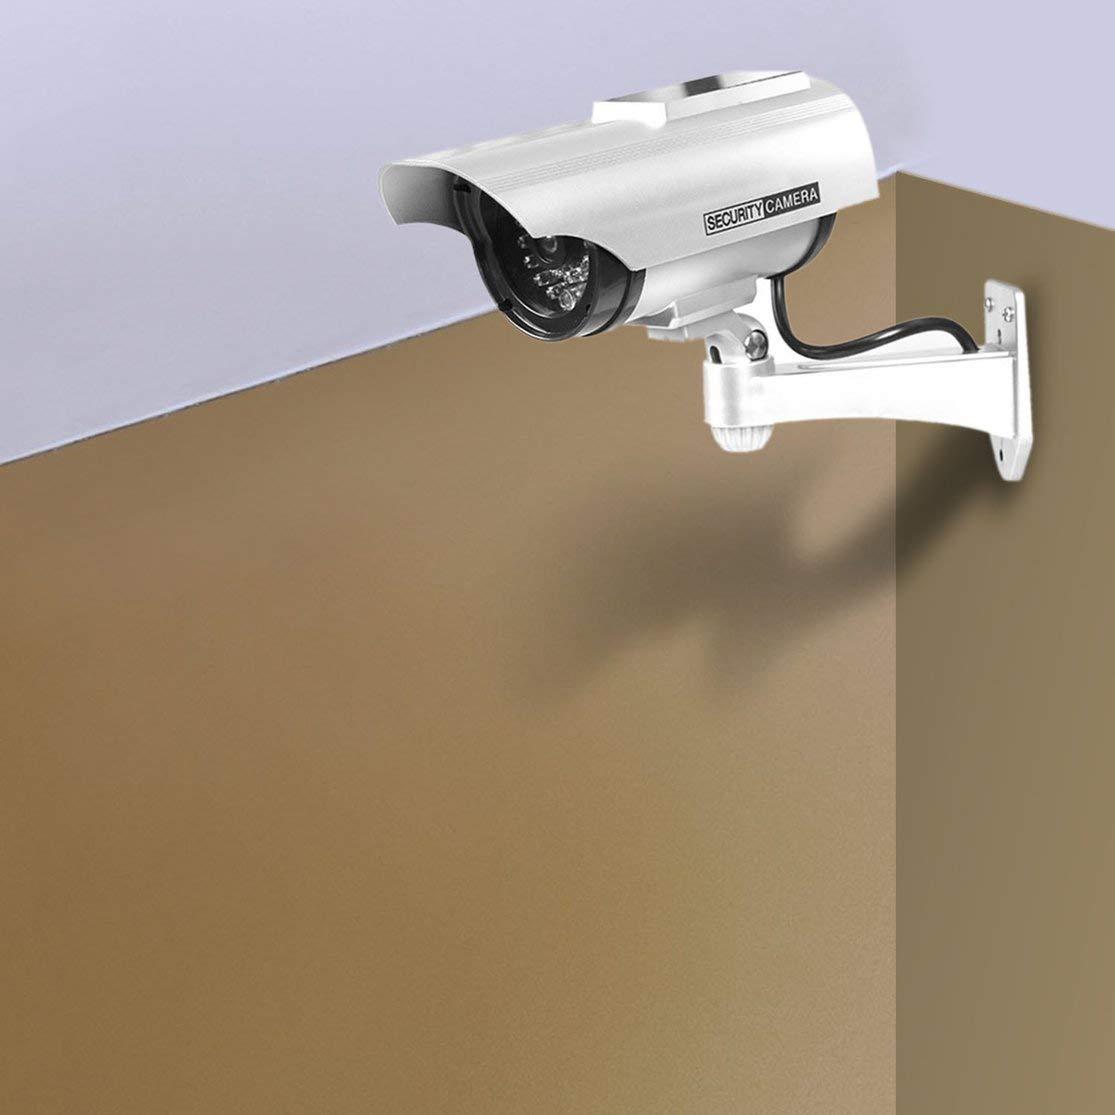 Candybarbar YZ-3302 CCTV simulado con energ/ía Solar Vigilancia de Seguridad C/ámara Falsa a Prueba de Agua Luz LED roja C/ámara antirrobo de Video con luz roja